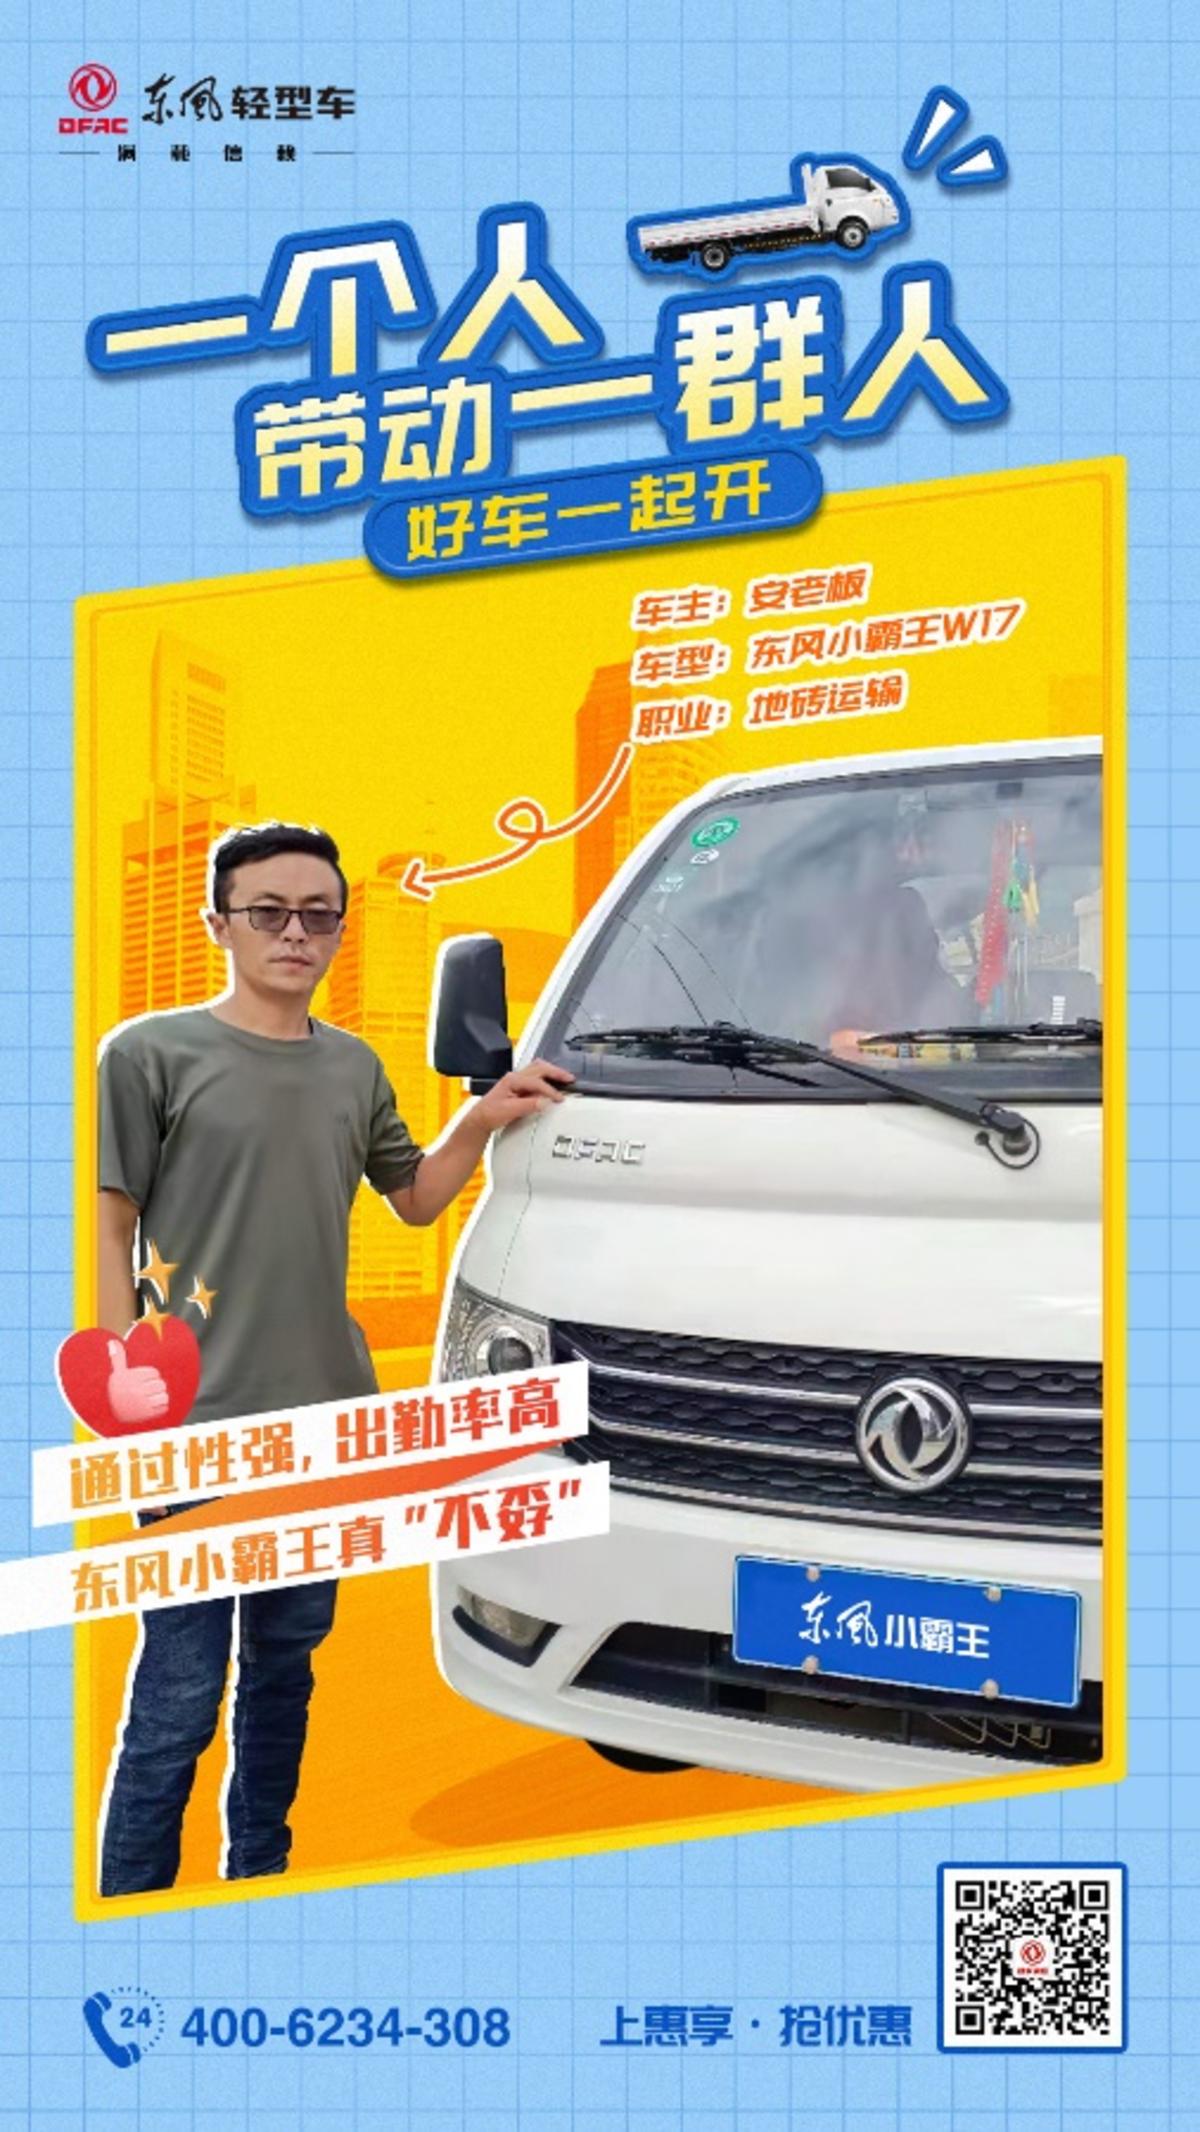 """河南卡友点赞东风小霸王:""""这车确实不孬!"""""""